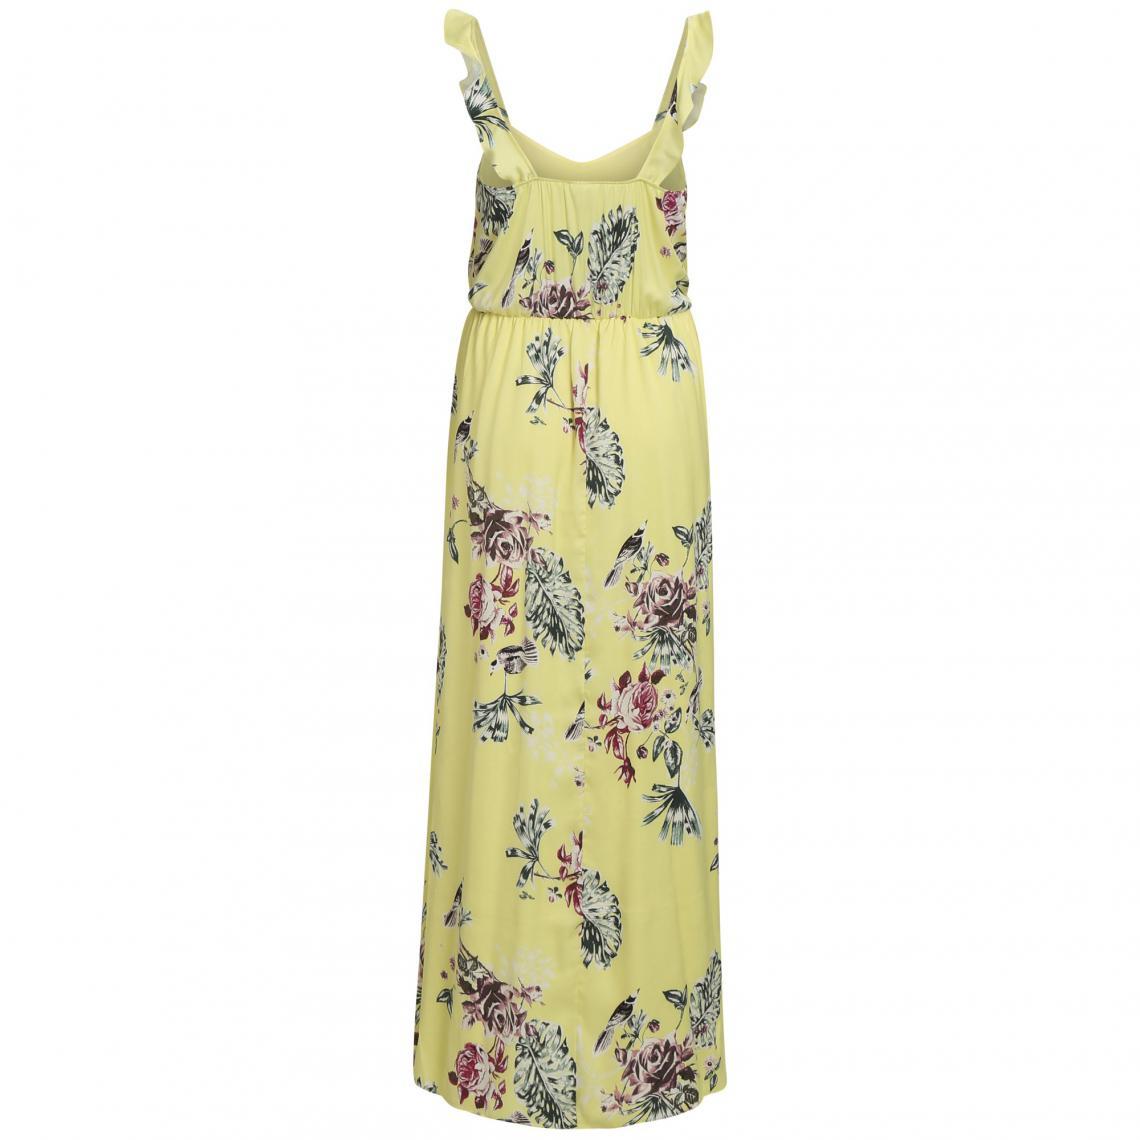 Robe longue à bretelles femme Vila - Jaune   3Suisses 197b57b405a6